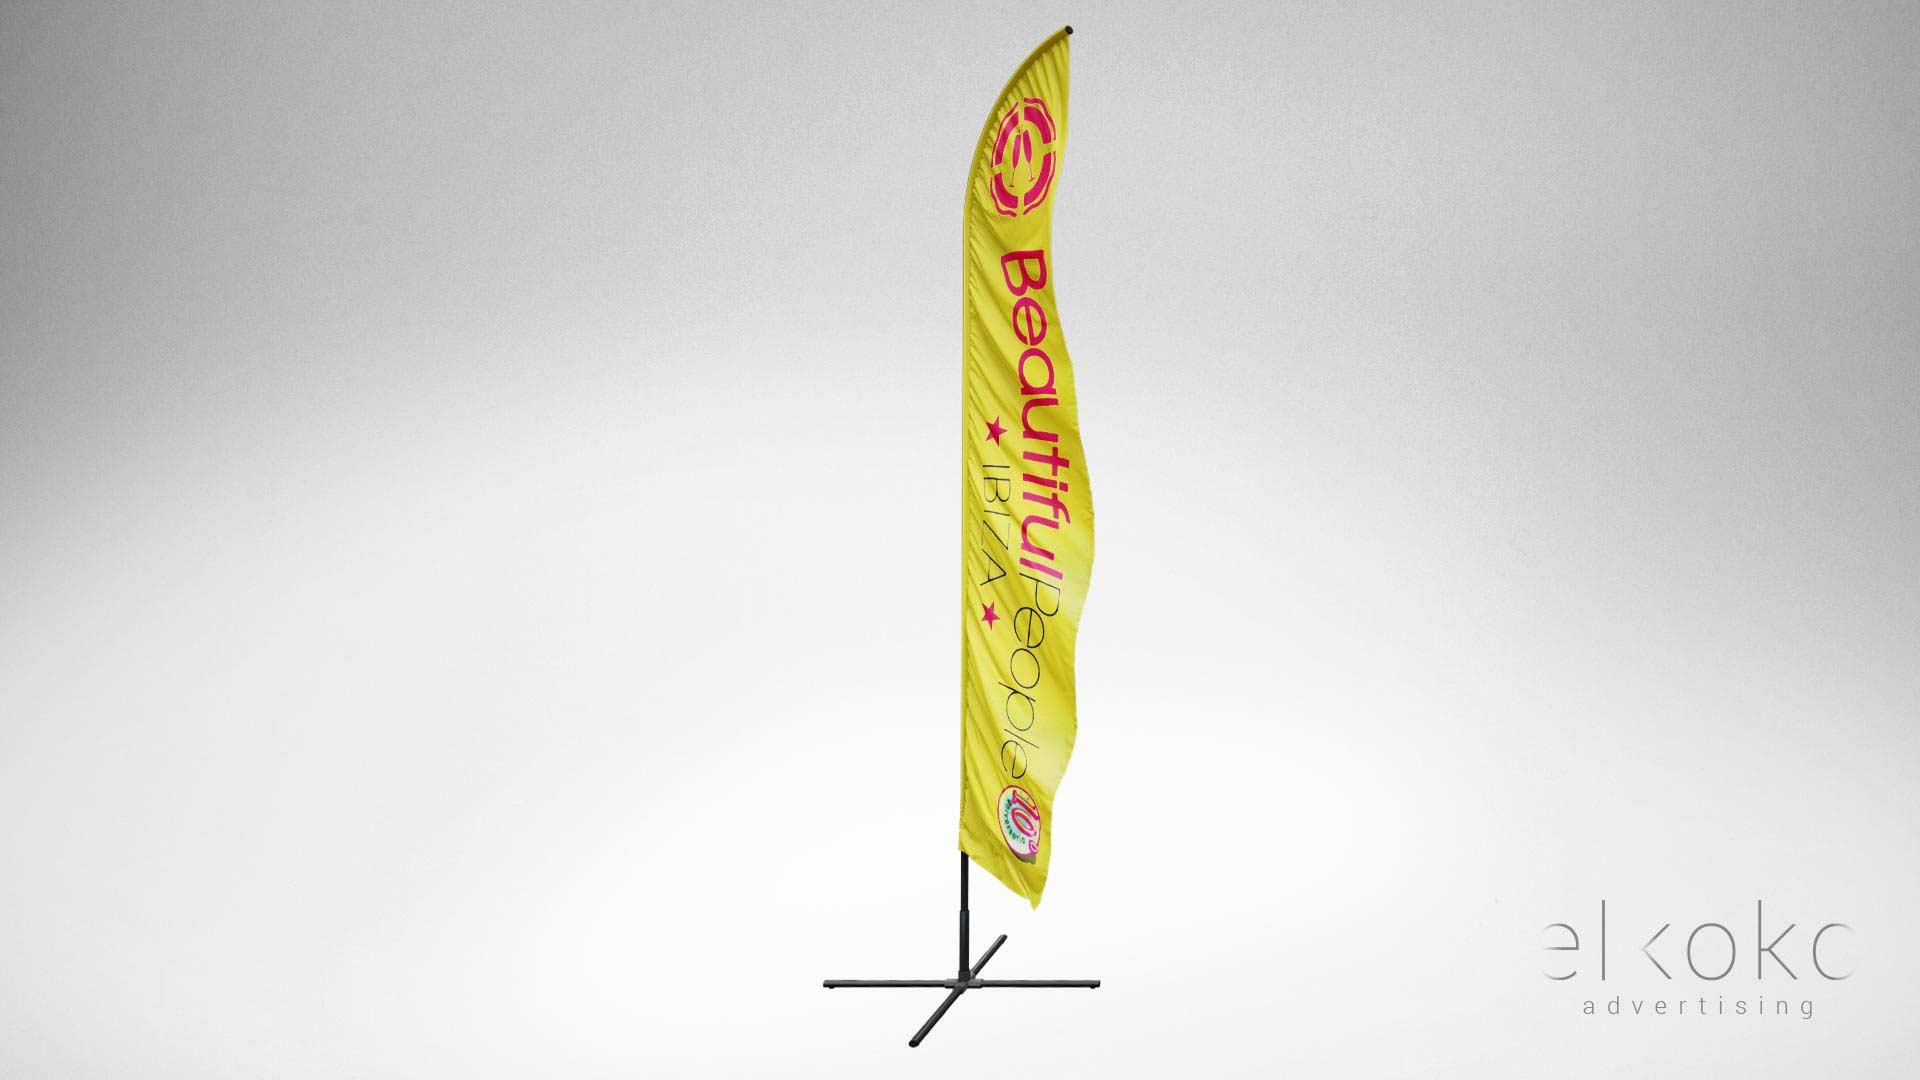 Diseño de banderolas publicitarias en Málaga. Diseño gráfico y materiales de marketing.